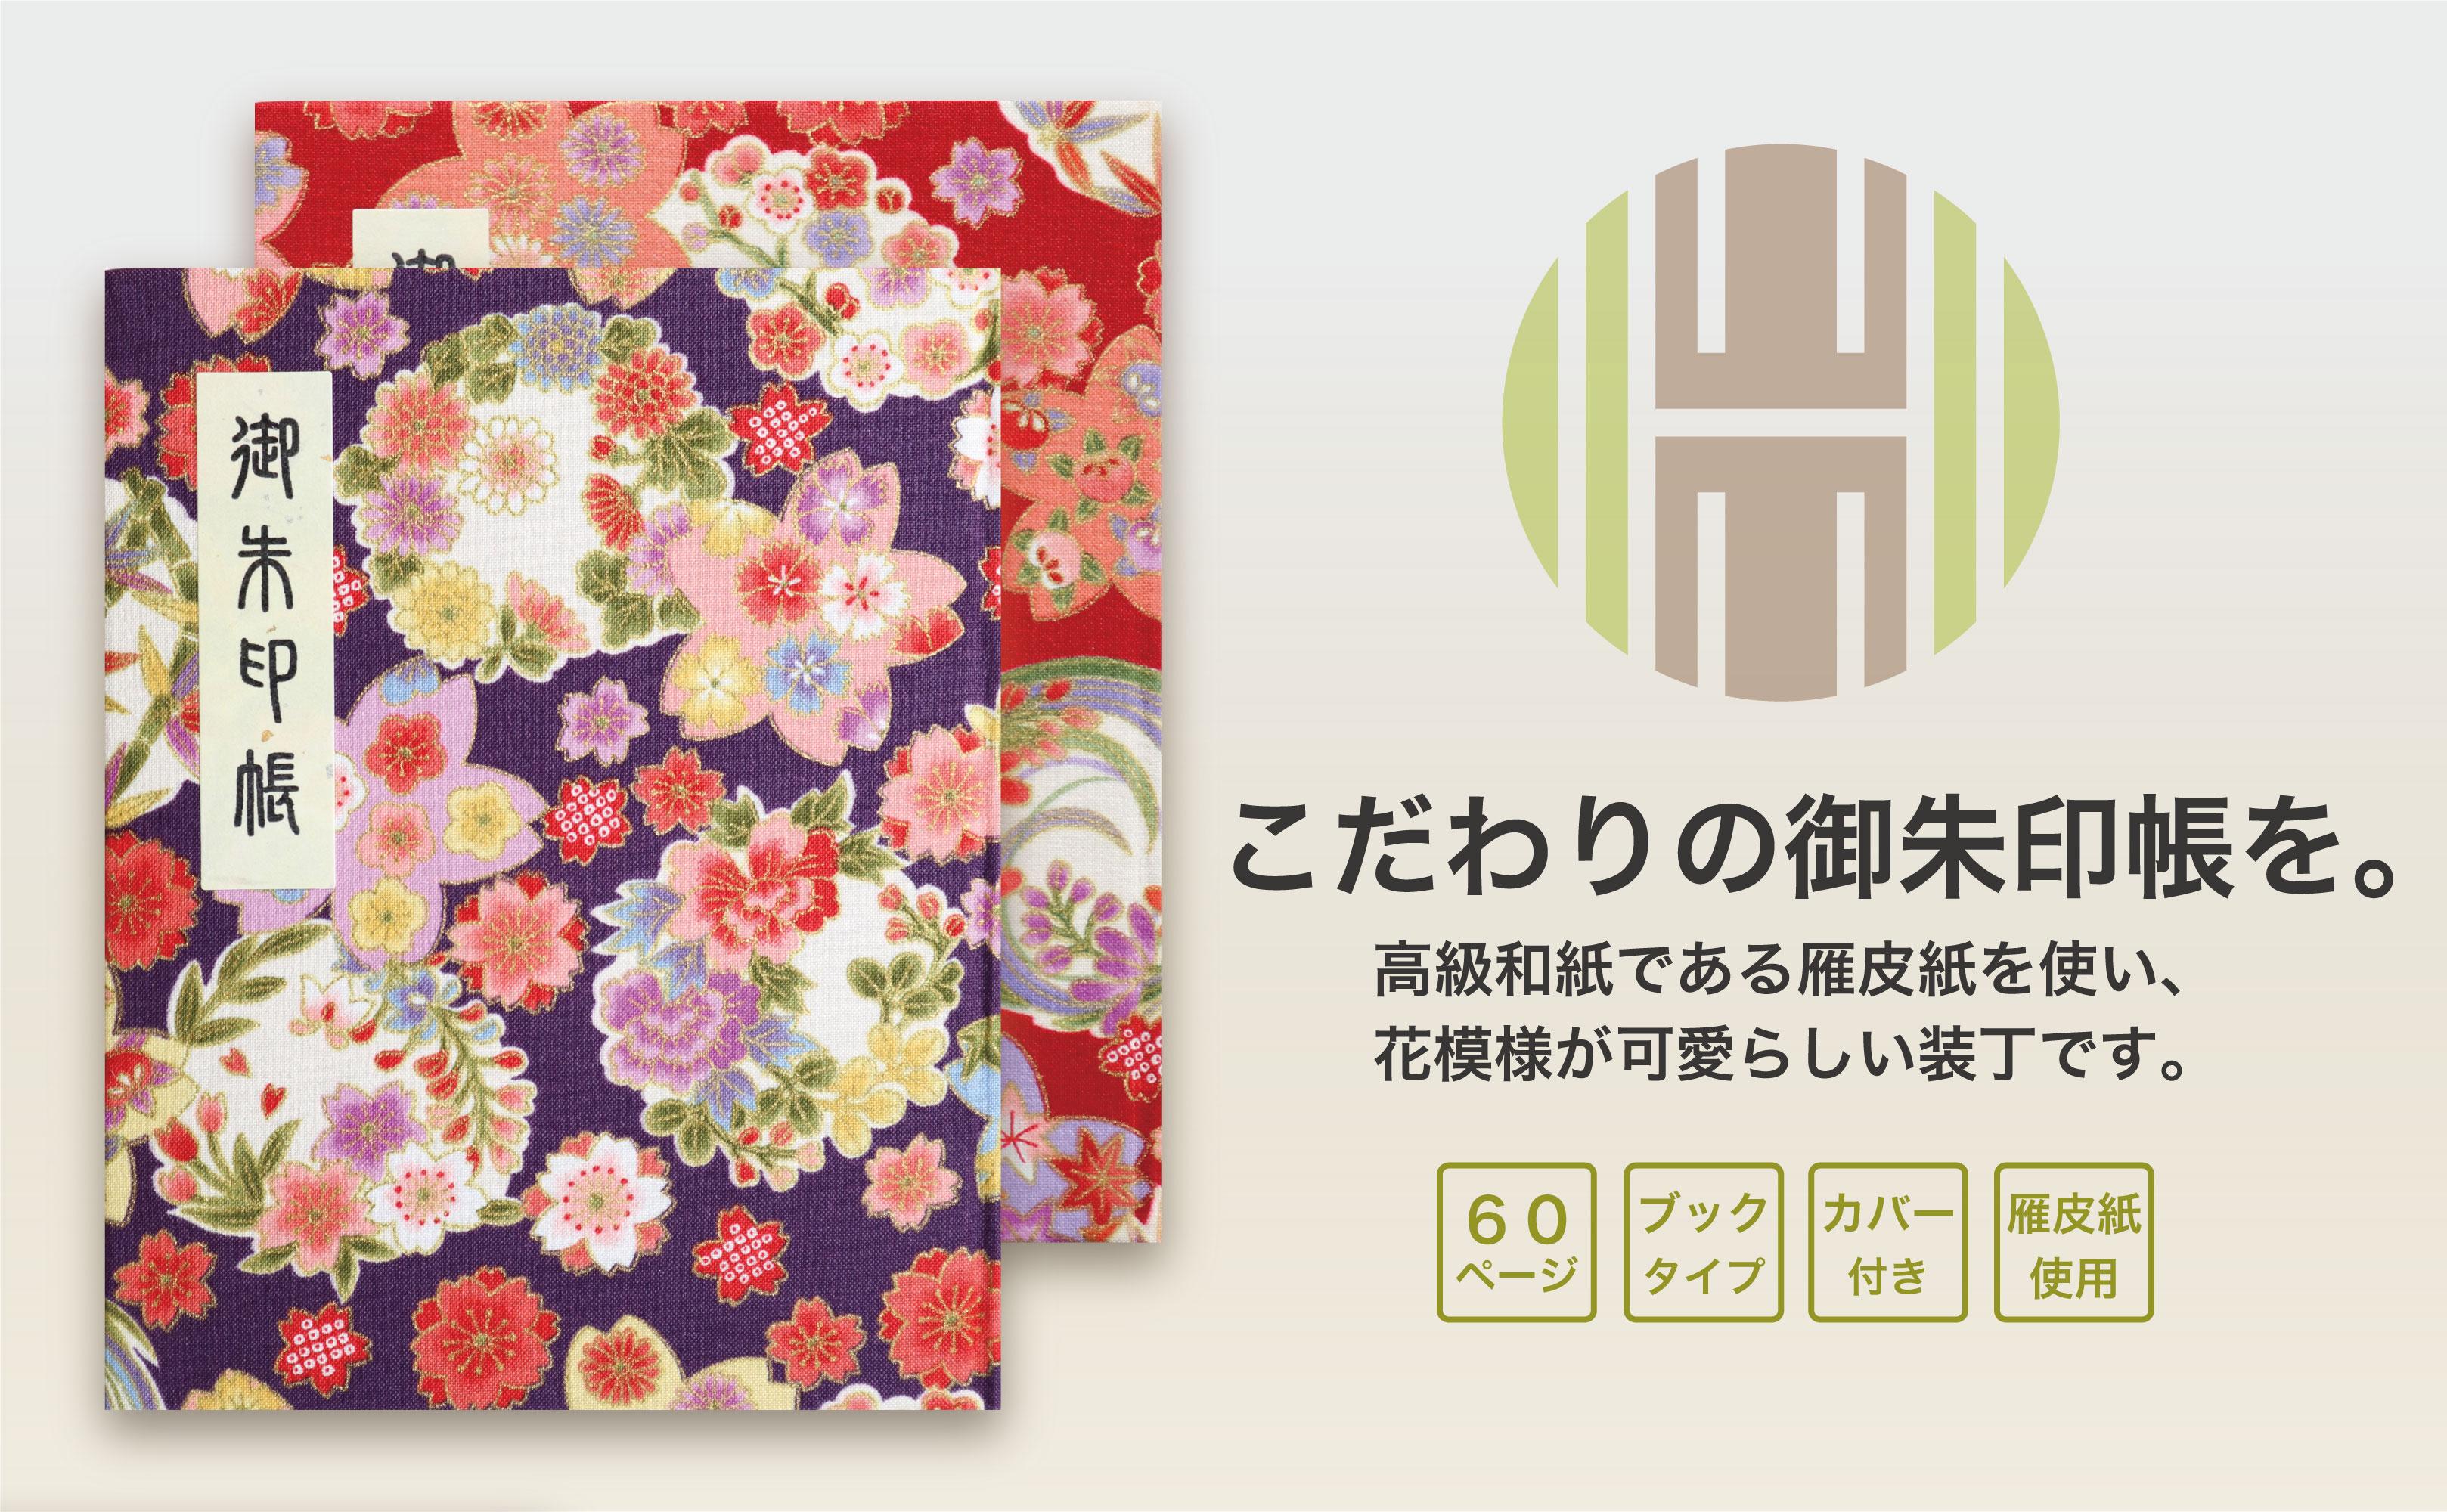 高級和紙「雁皮紙」と花模様が可愛らしい「四季彩爛漫」の御朱印帳